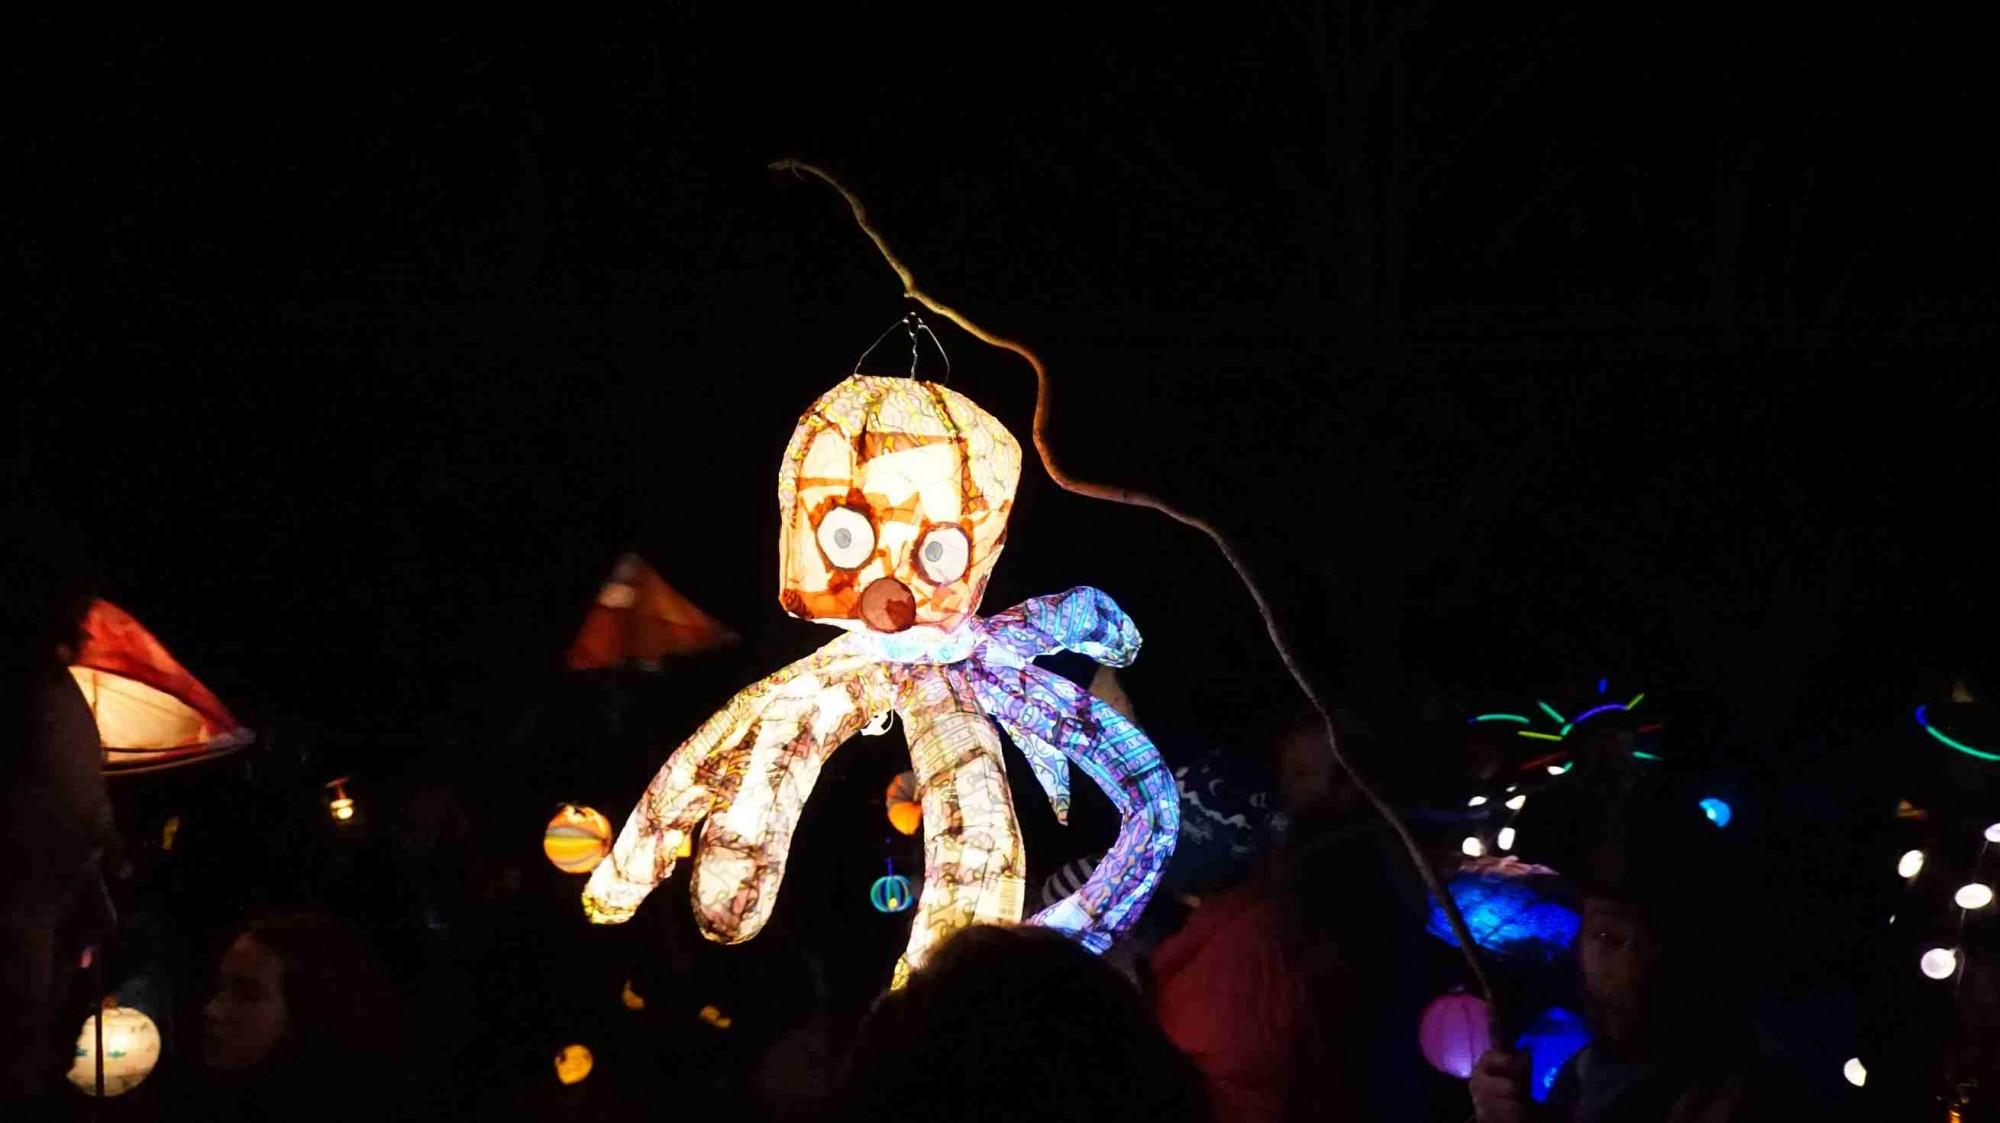 Cygnet Lantern Parade